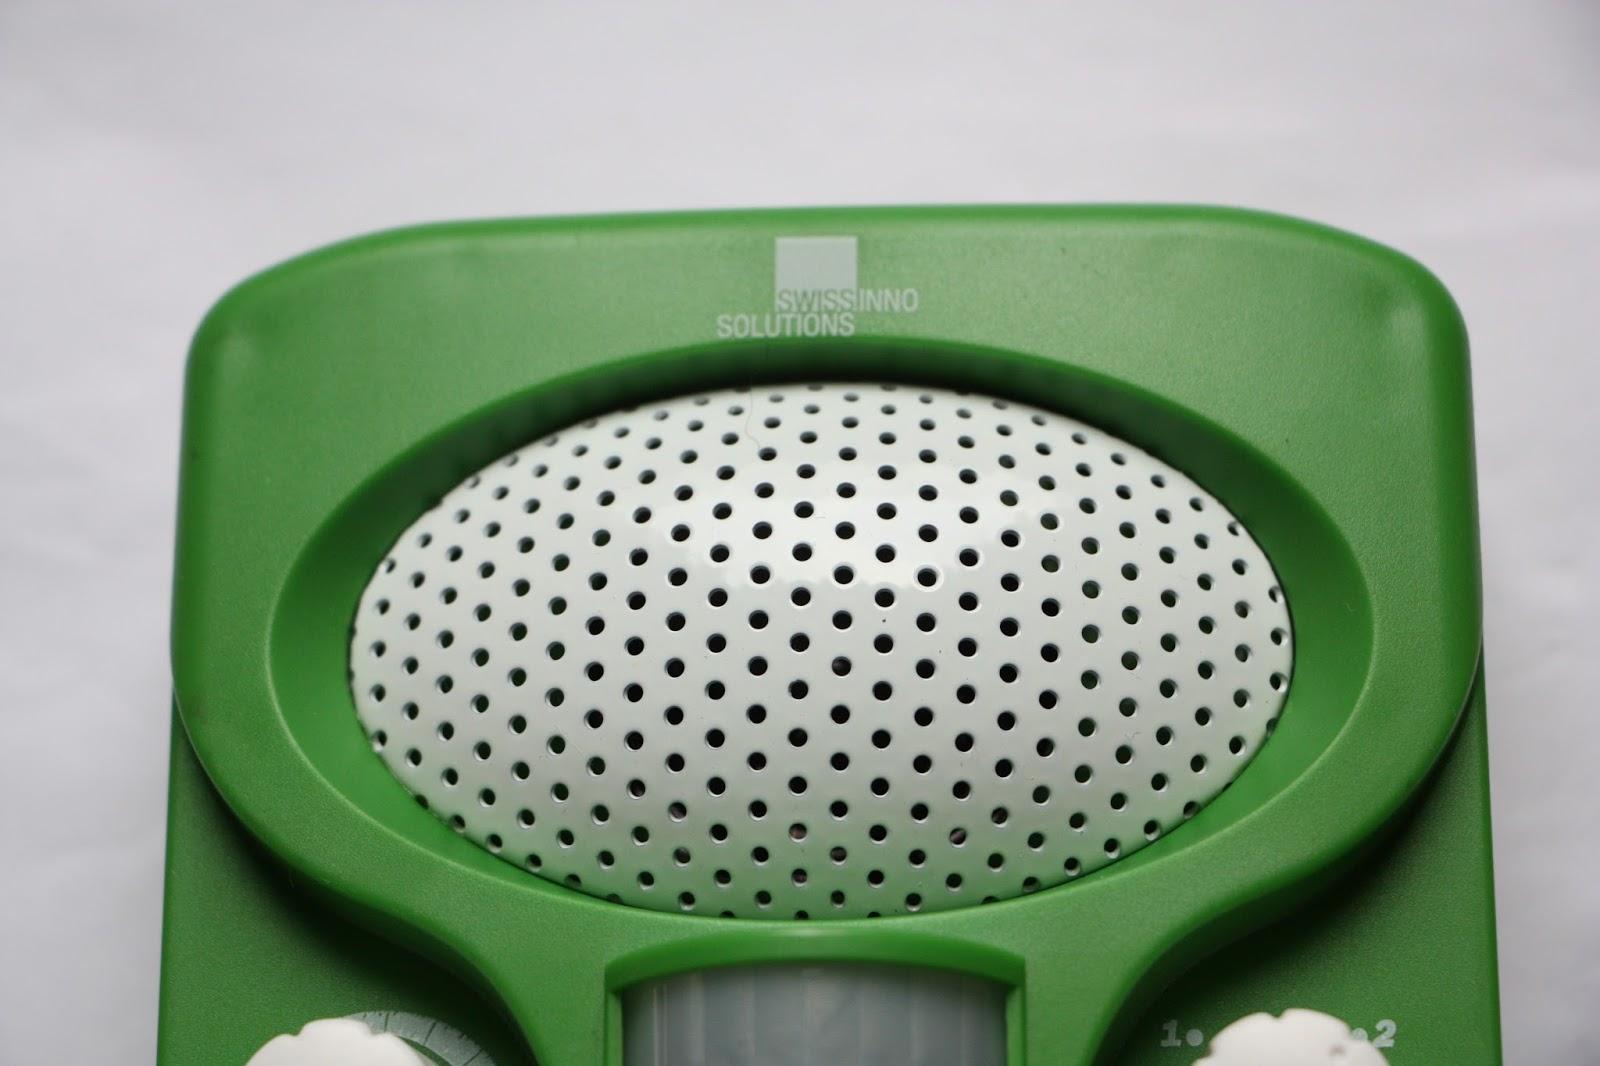 test it produkttest nr 704 swissinno solutions. Black Bedroom Furniture Sets. Home Design Ideas